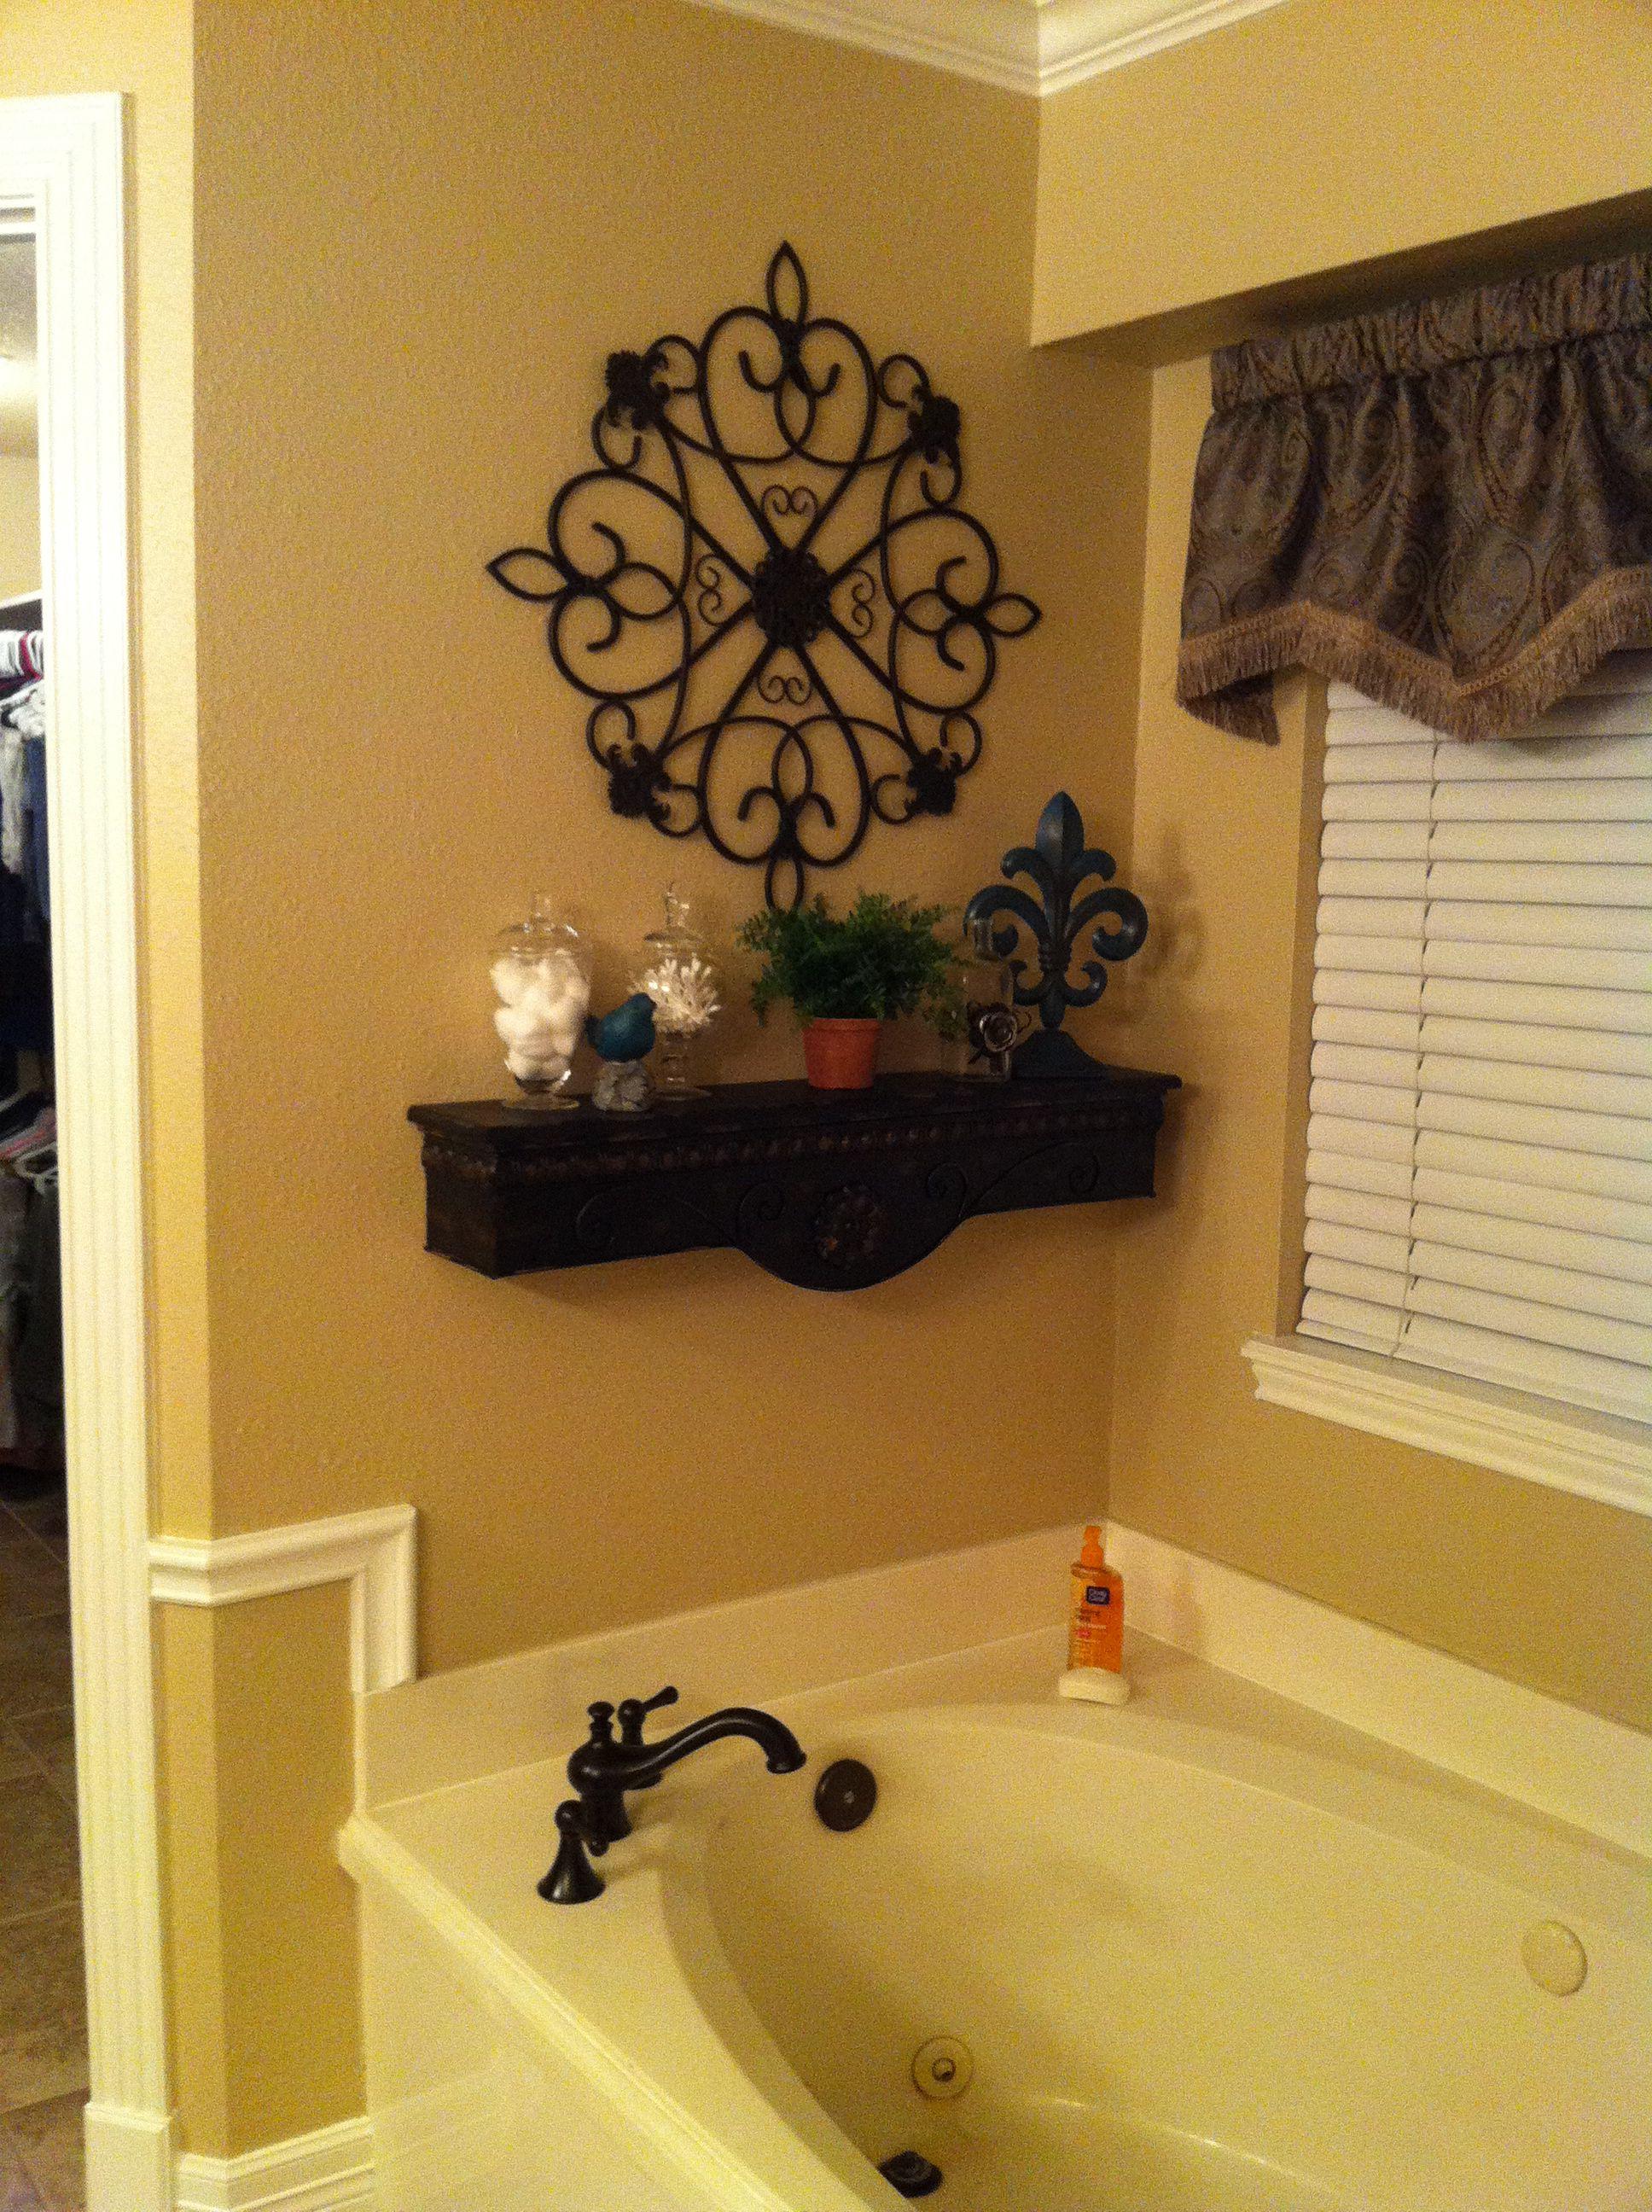 Decorative Shelf Above Bath Tub In 2019 Bathtub Decor